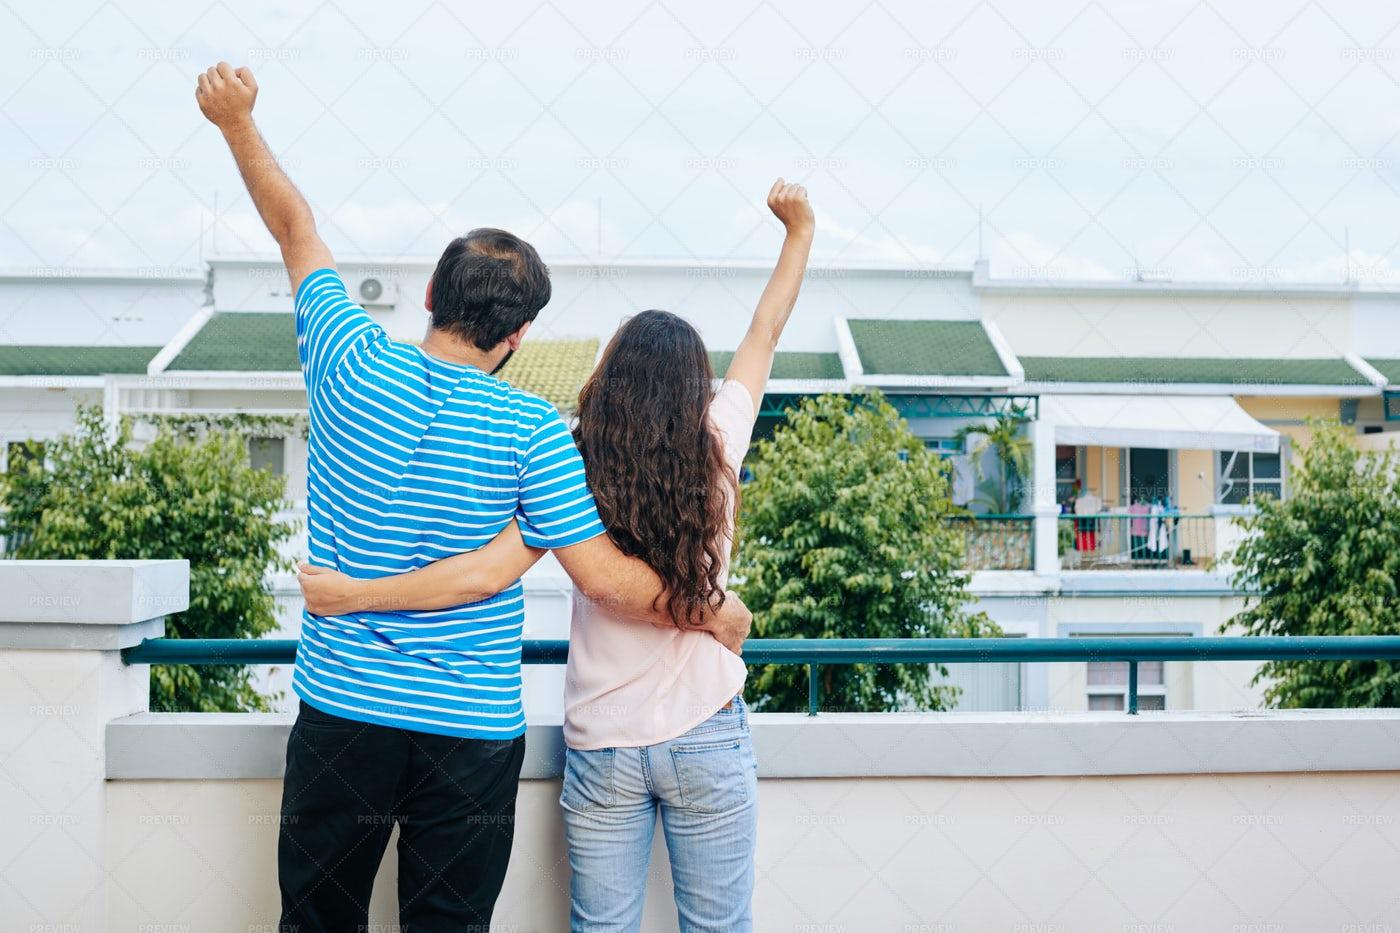 Couple Celebrating Buying New House: Stock Photos